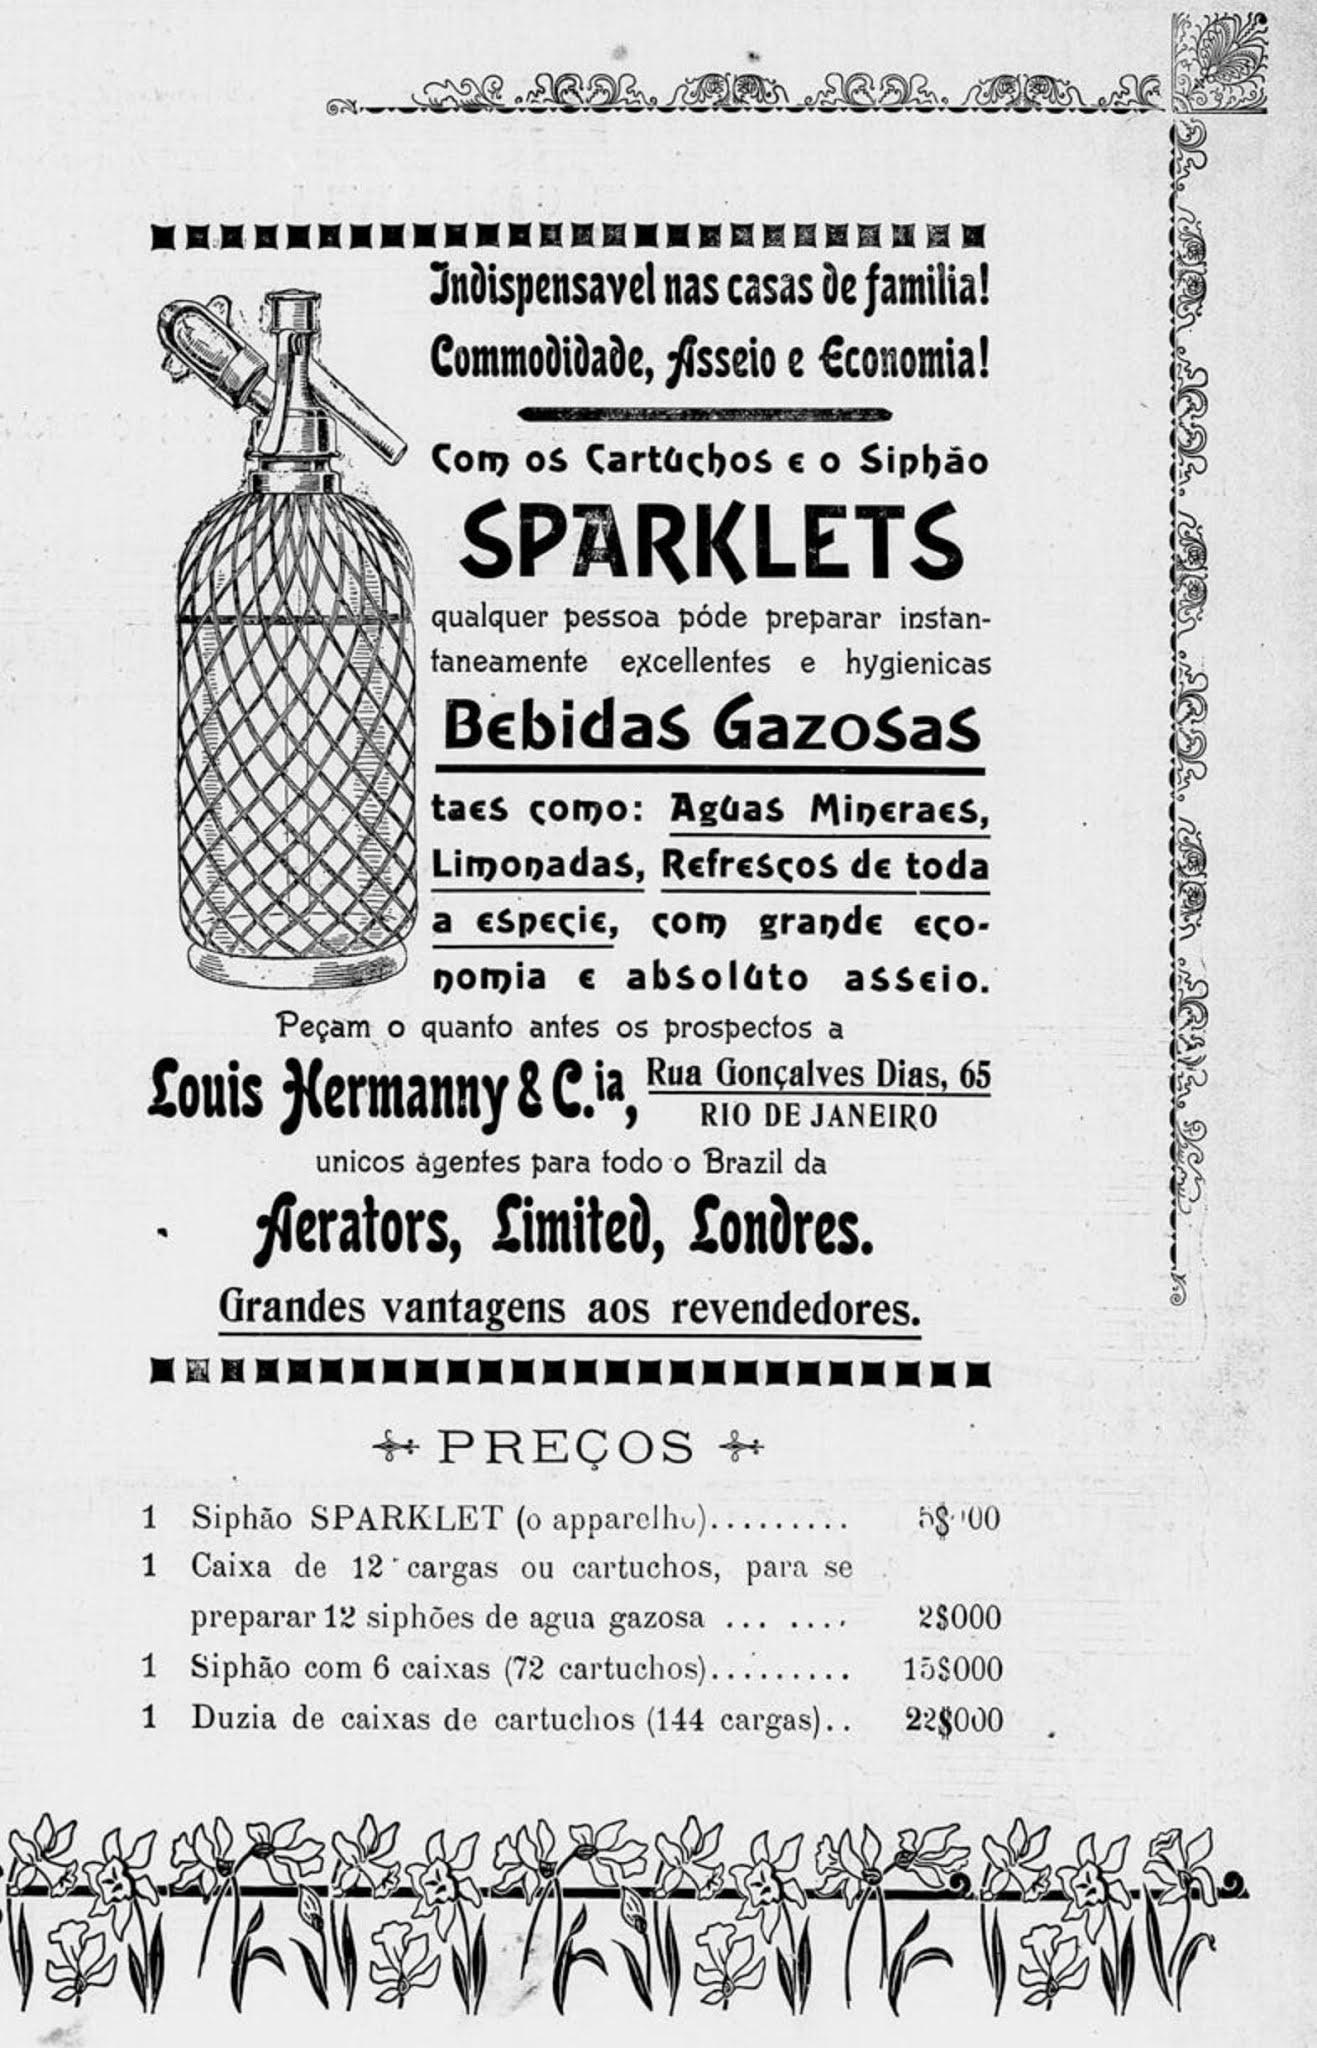 Anúncio de 1906 promovendo os cartuchos e sifões da marca Sparklets